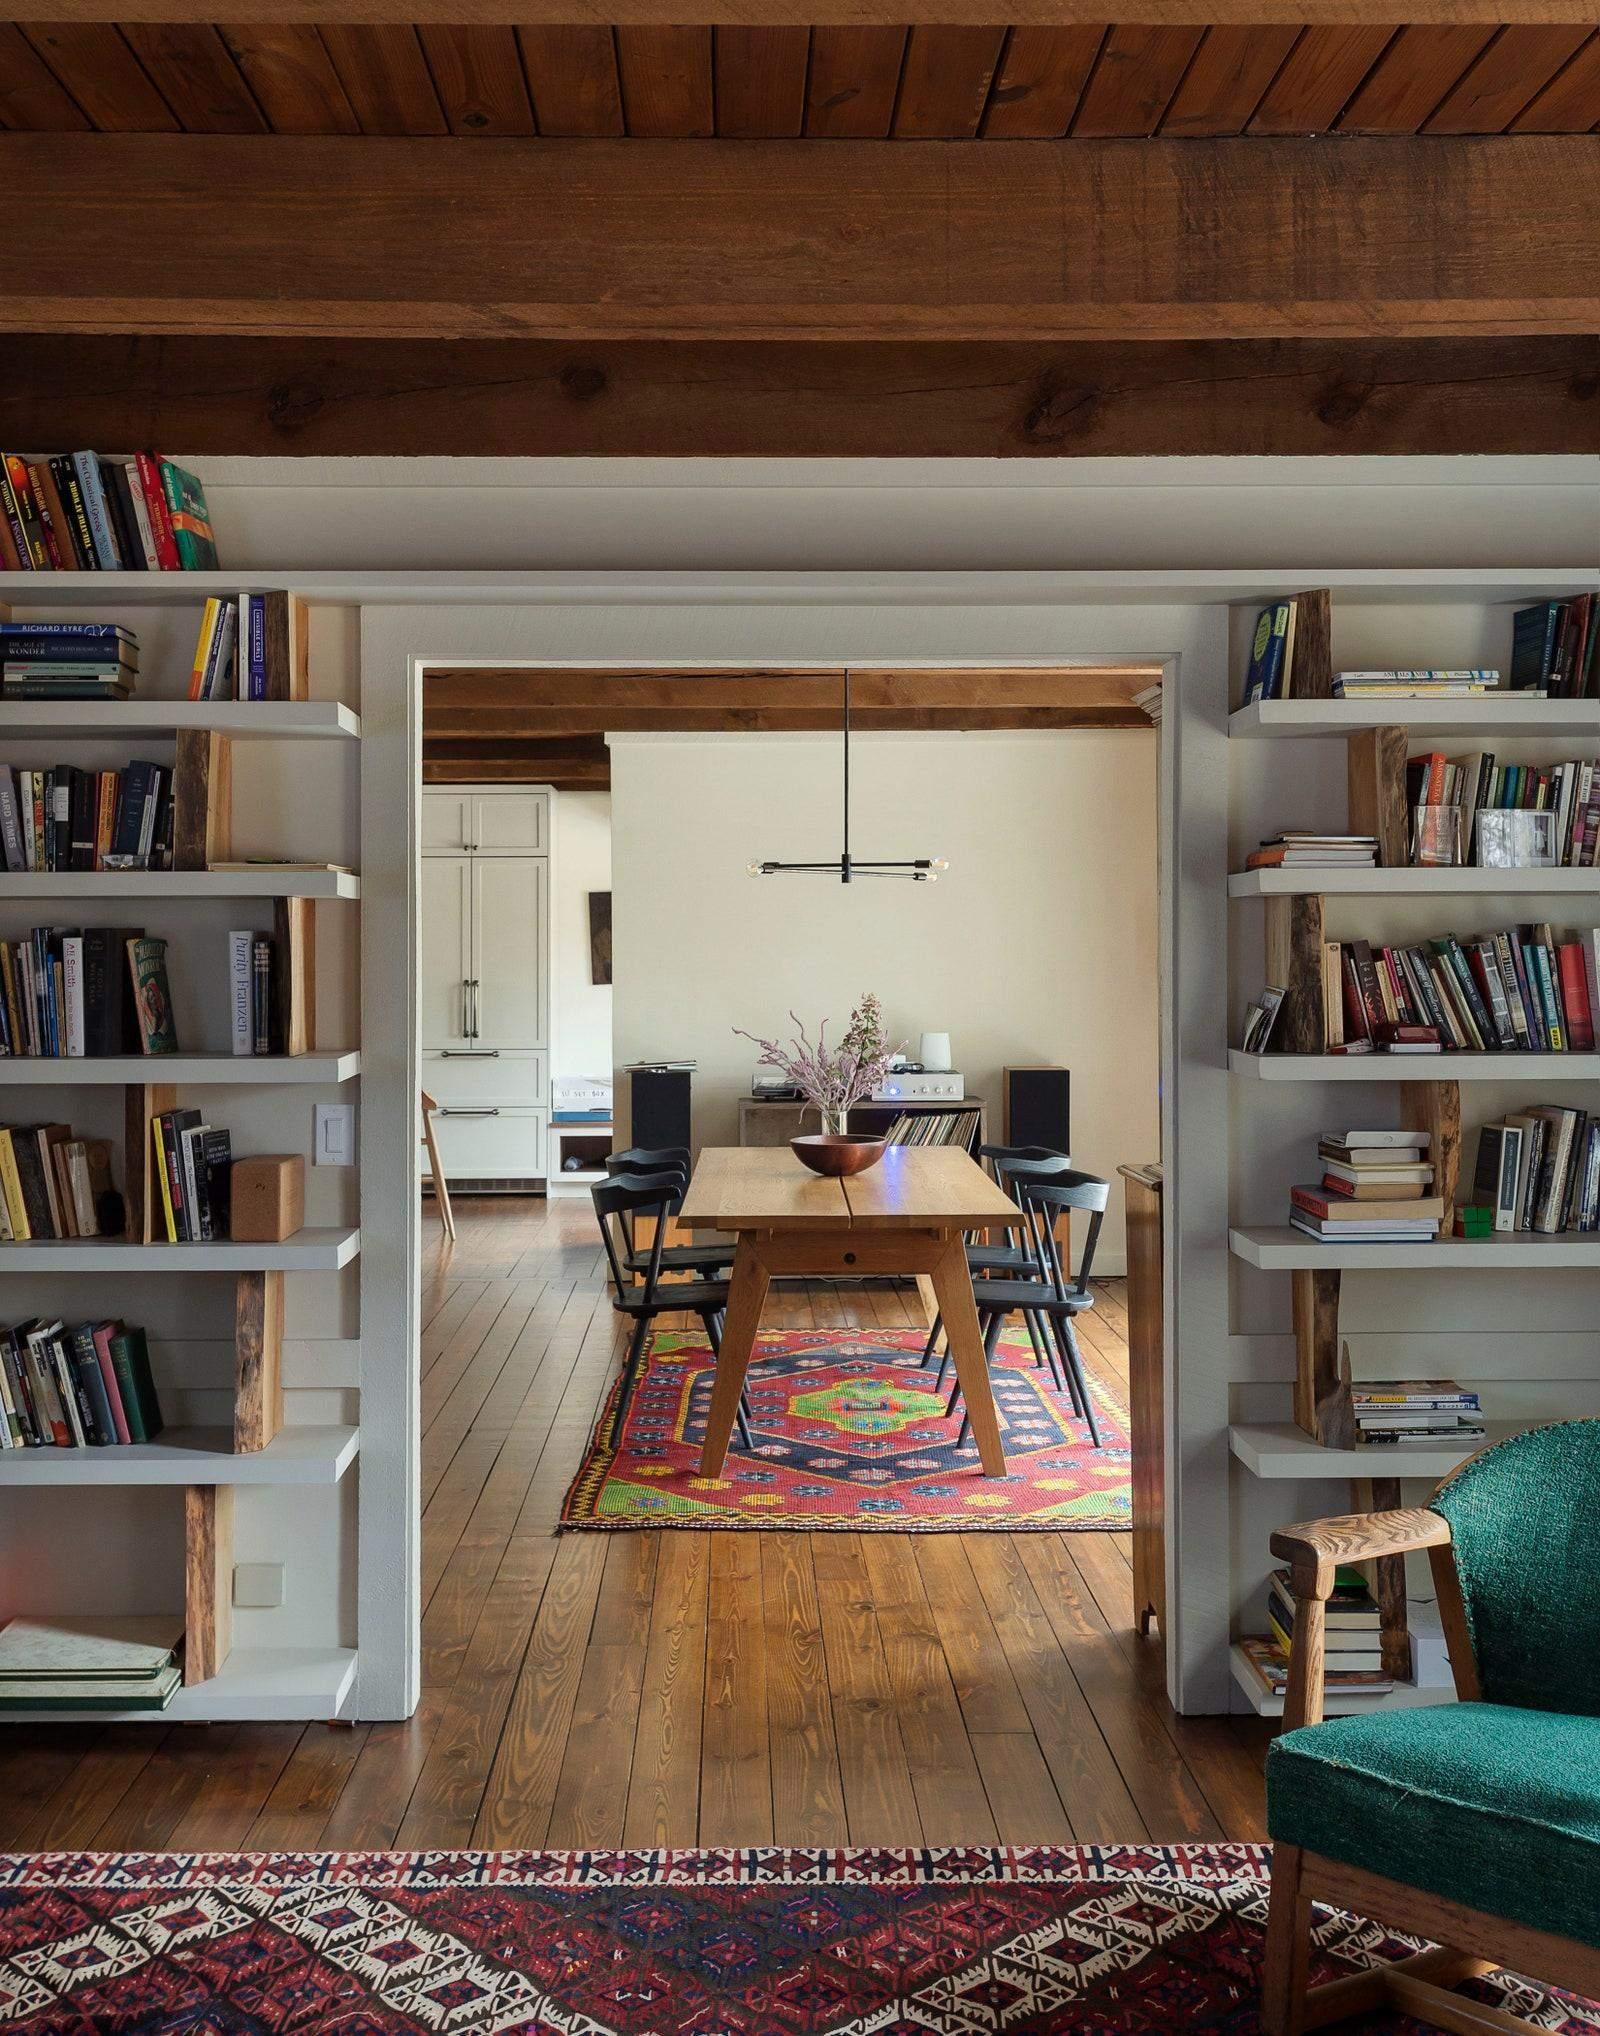 В будинку багато відкритих стелажів з книгами та іншими речами